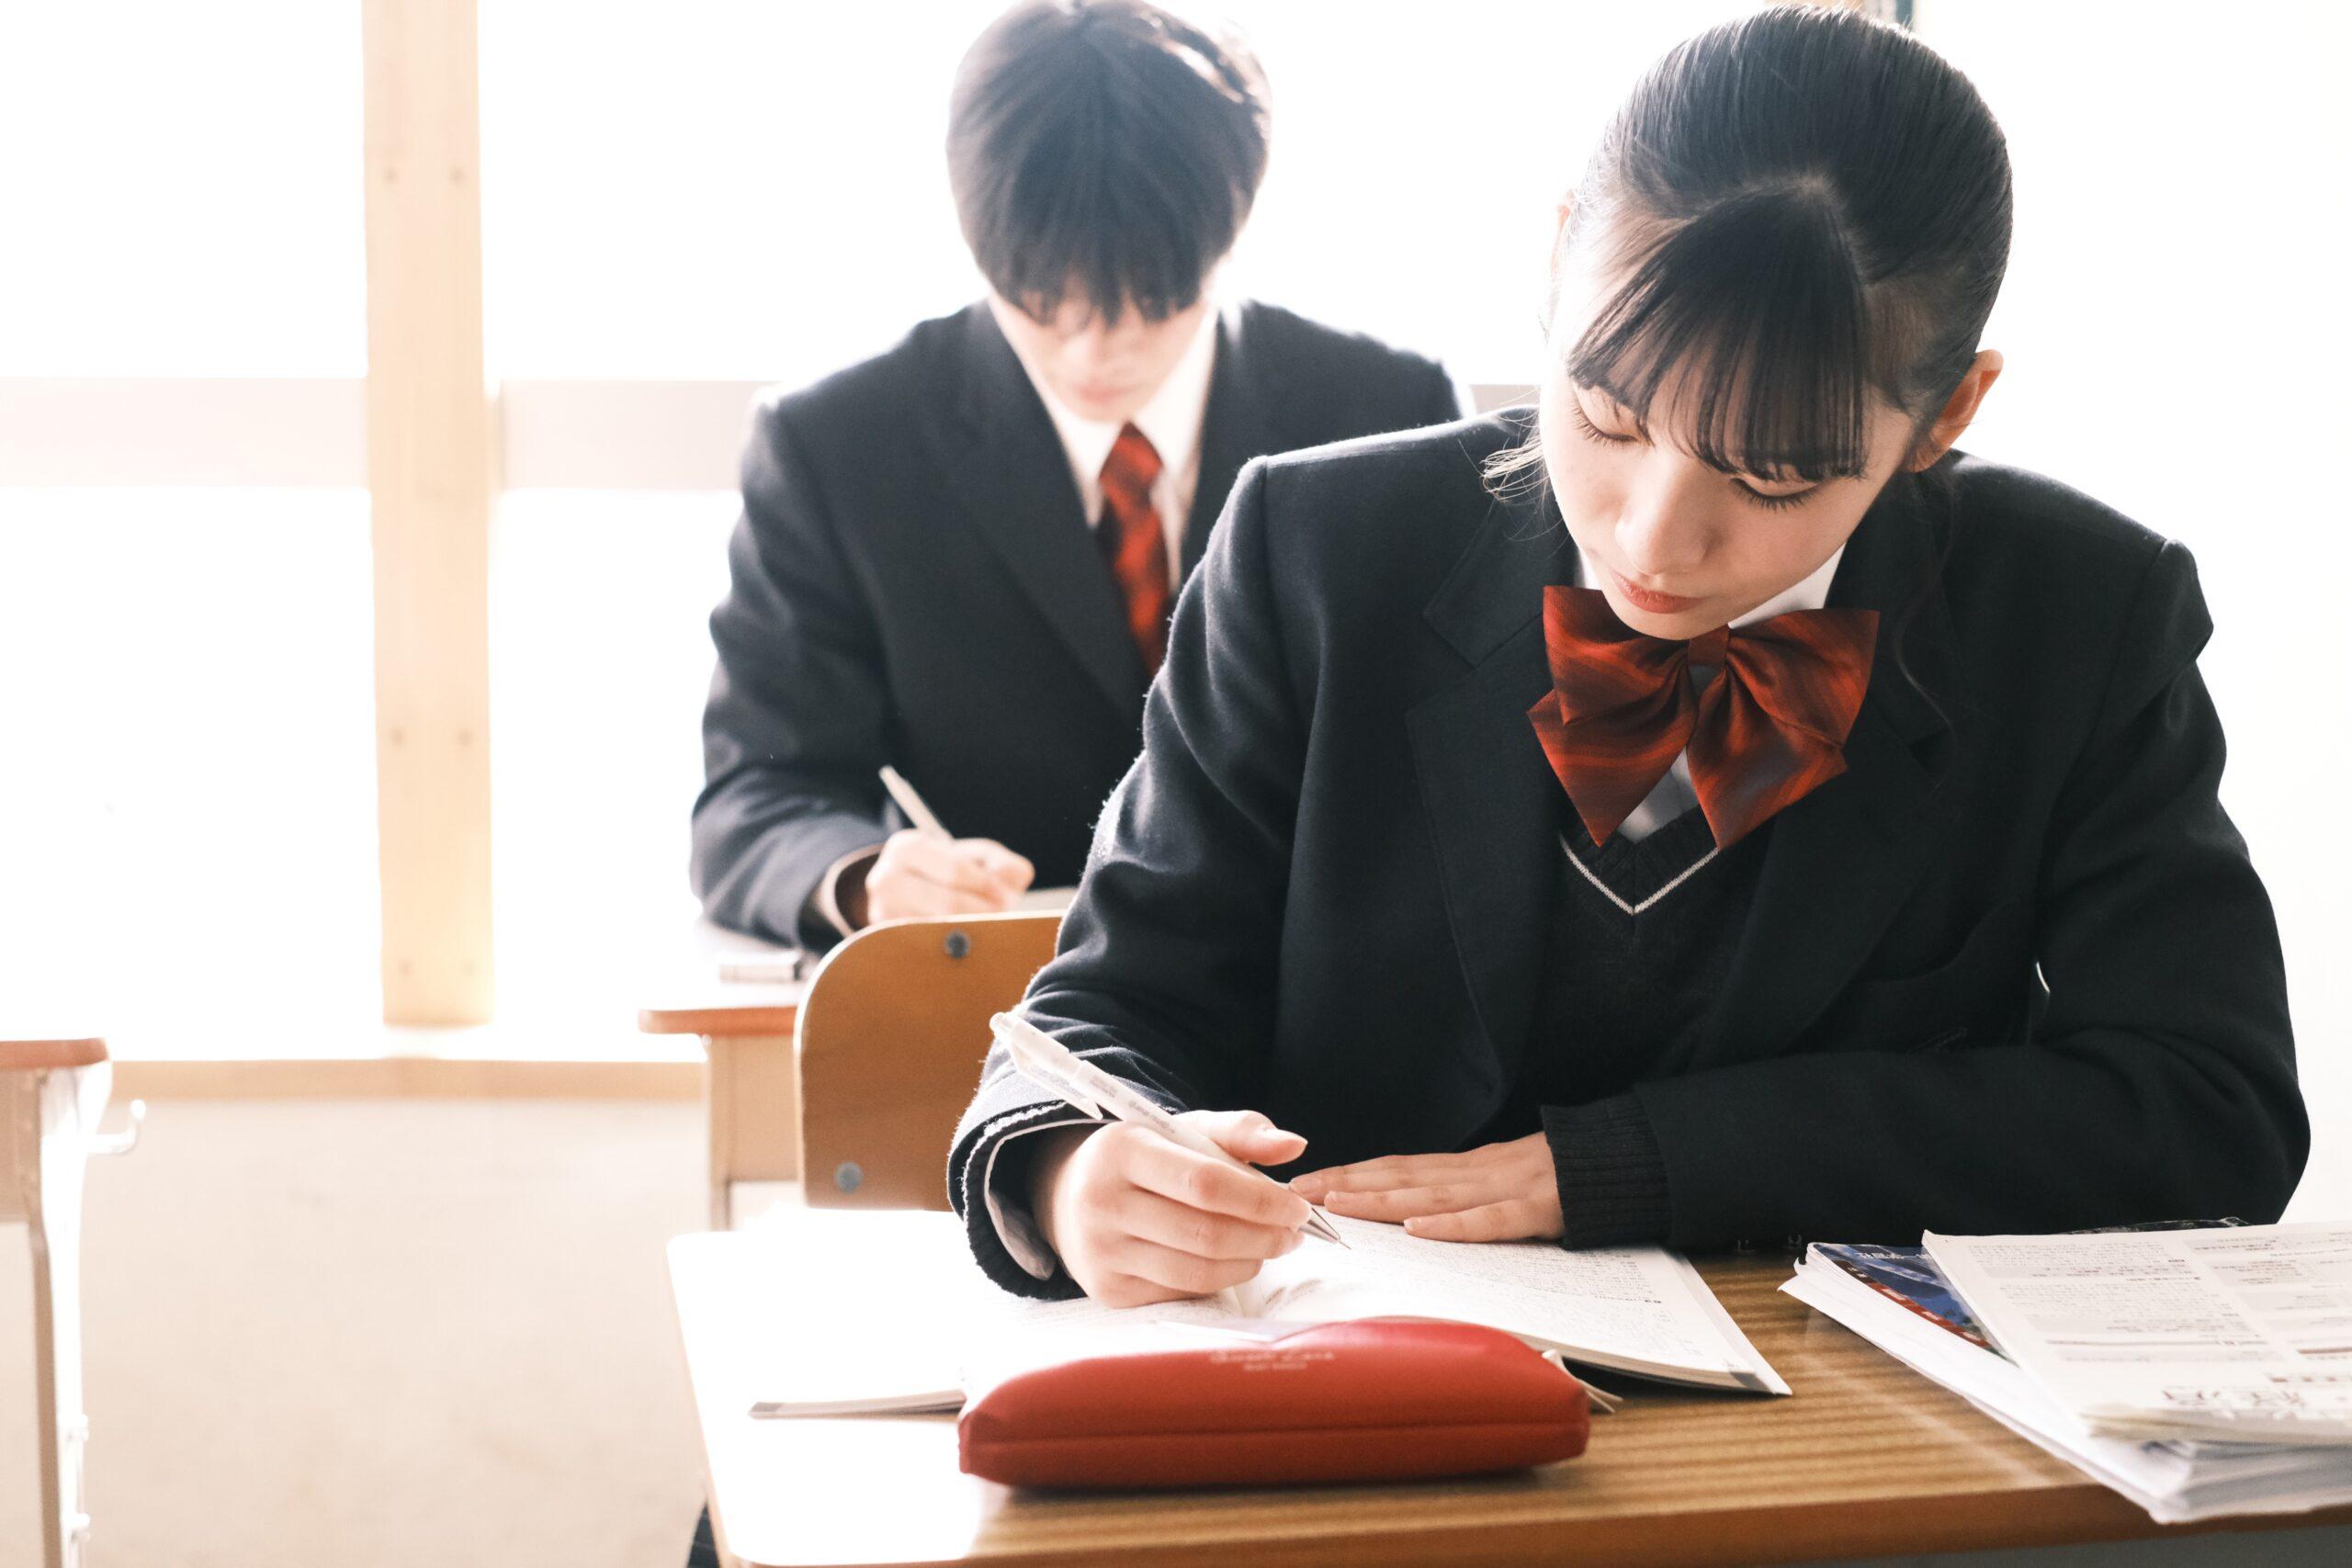 【キャンペーン実施中】転入学生の入学金免除!